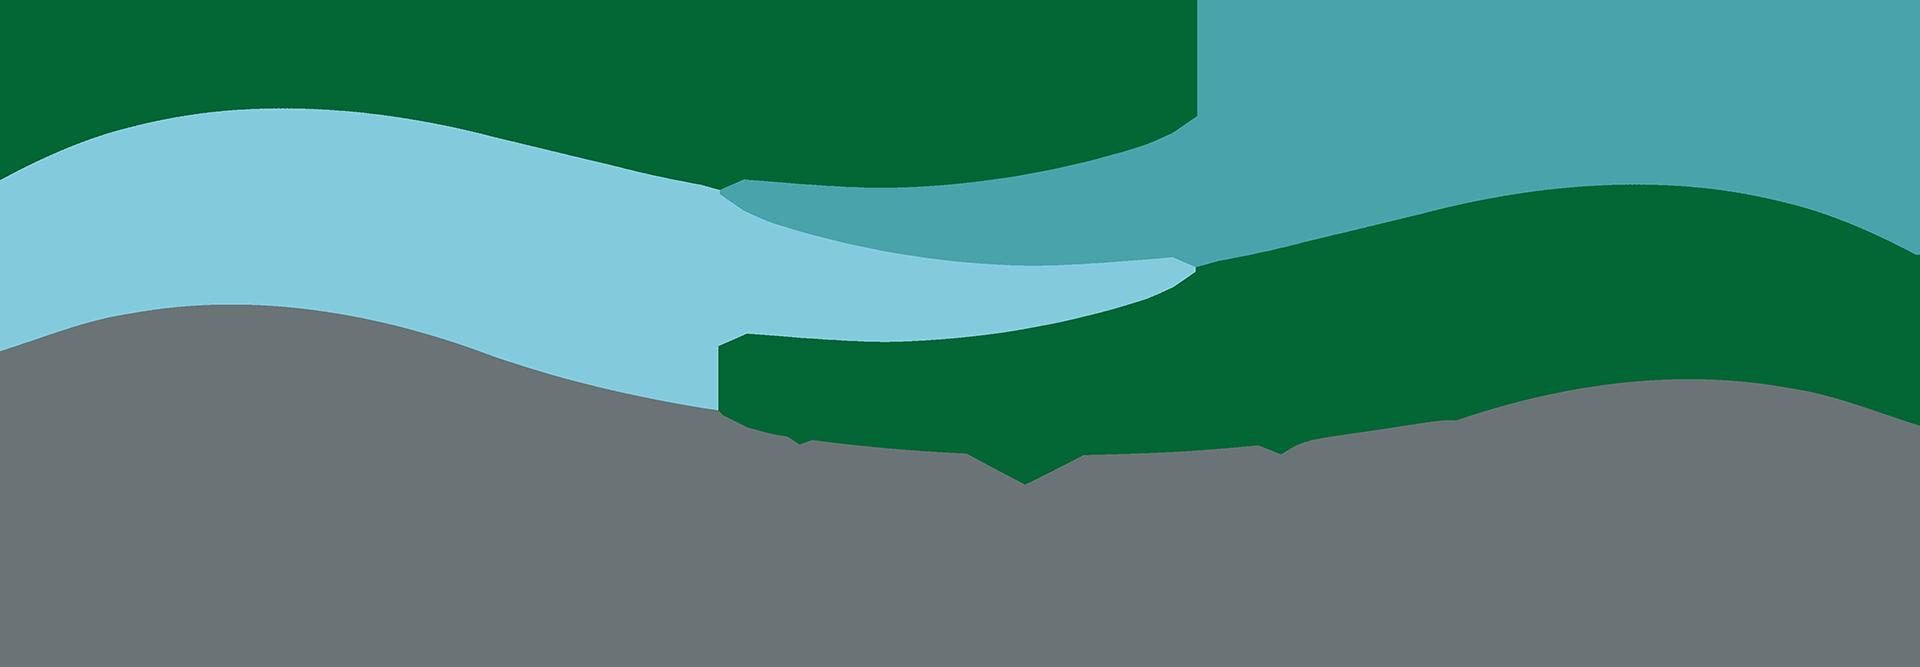 Reate Tour - Agenzia di viaggi a Rieti